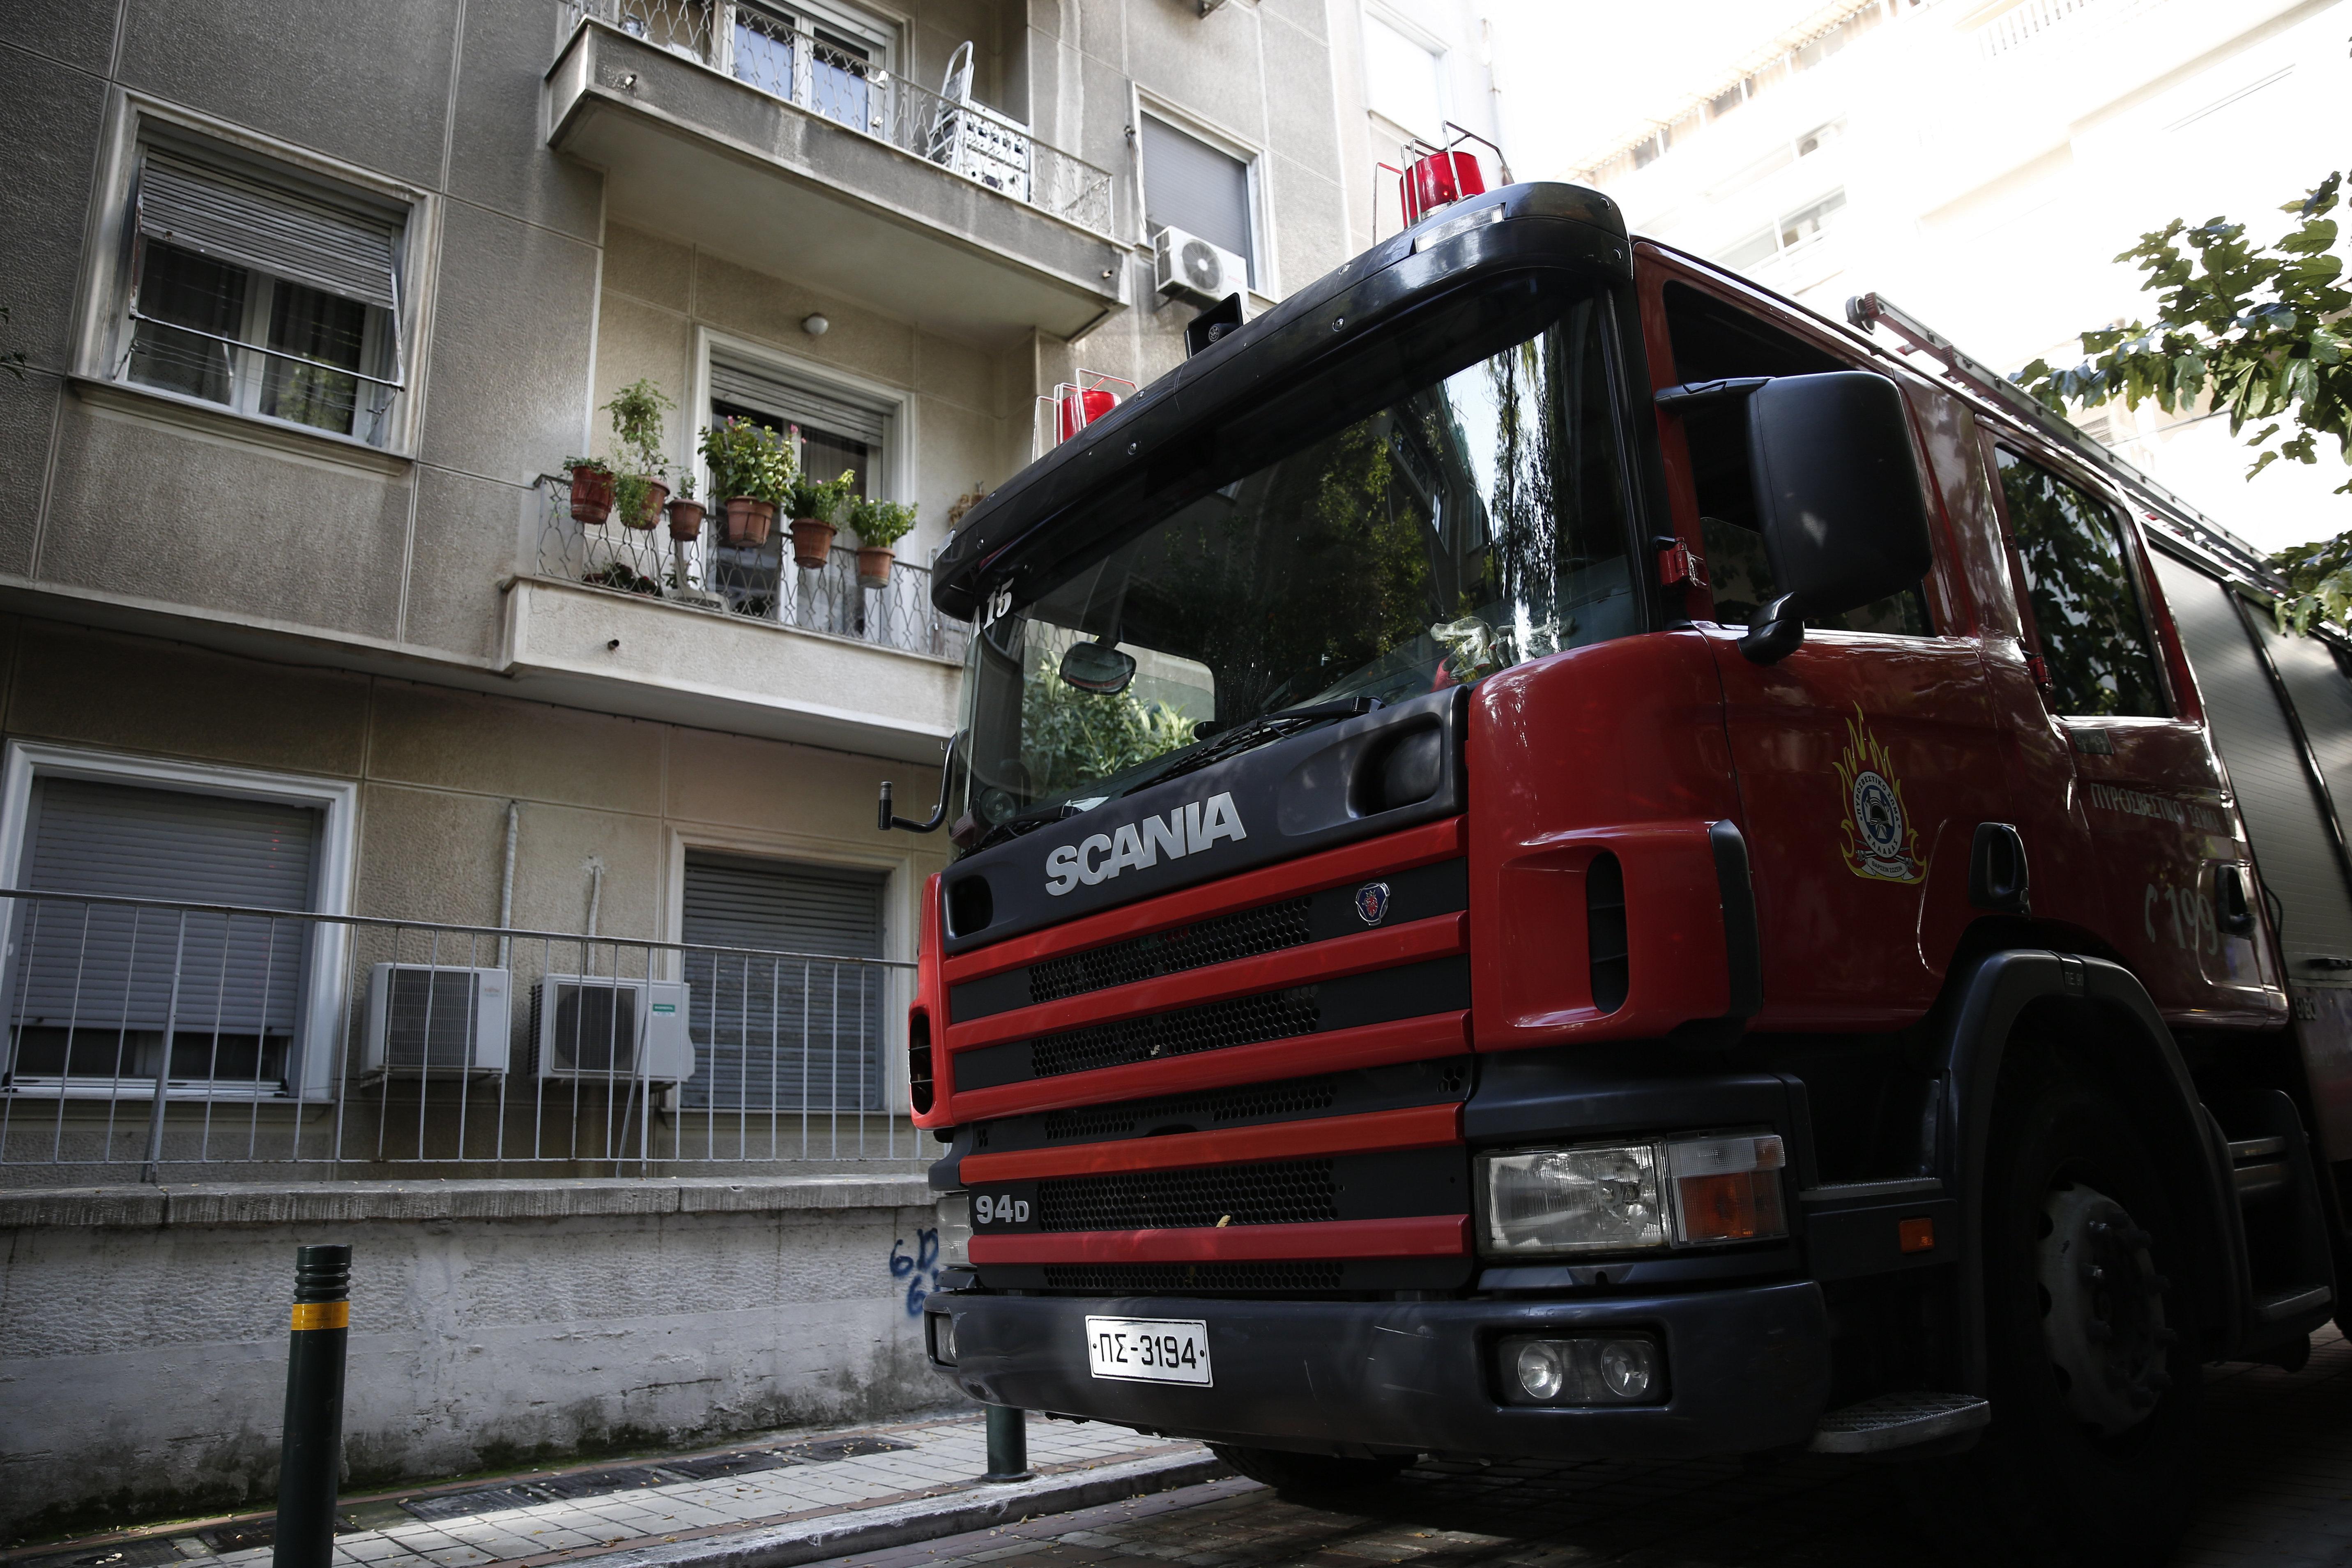 78χρονος νεκρός από πυρκαγιά σε διαμέρισμα στην